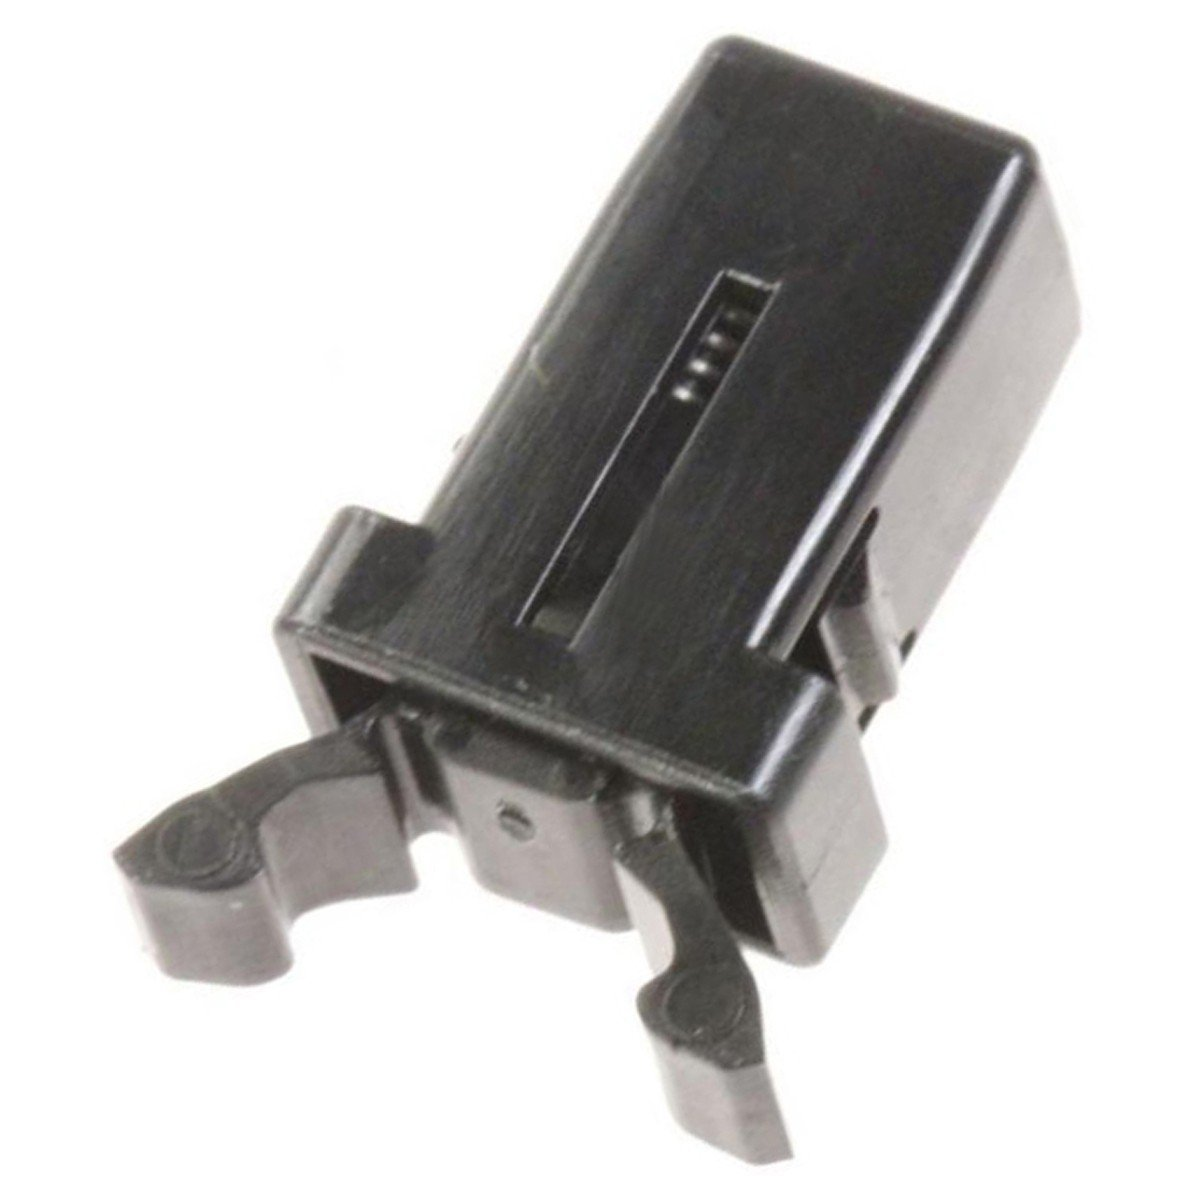 Cerrojo - Robot aspirador - LG: Amazon.es: Grandes ...